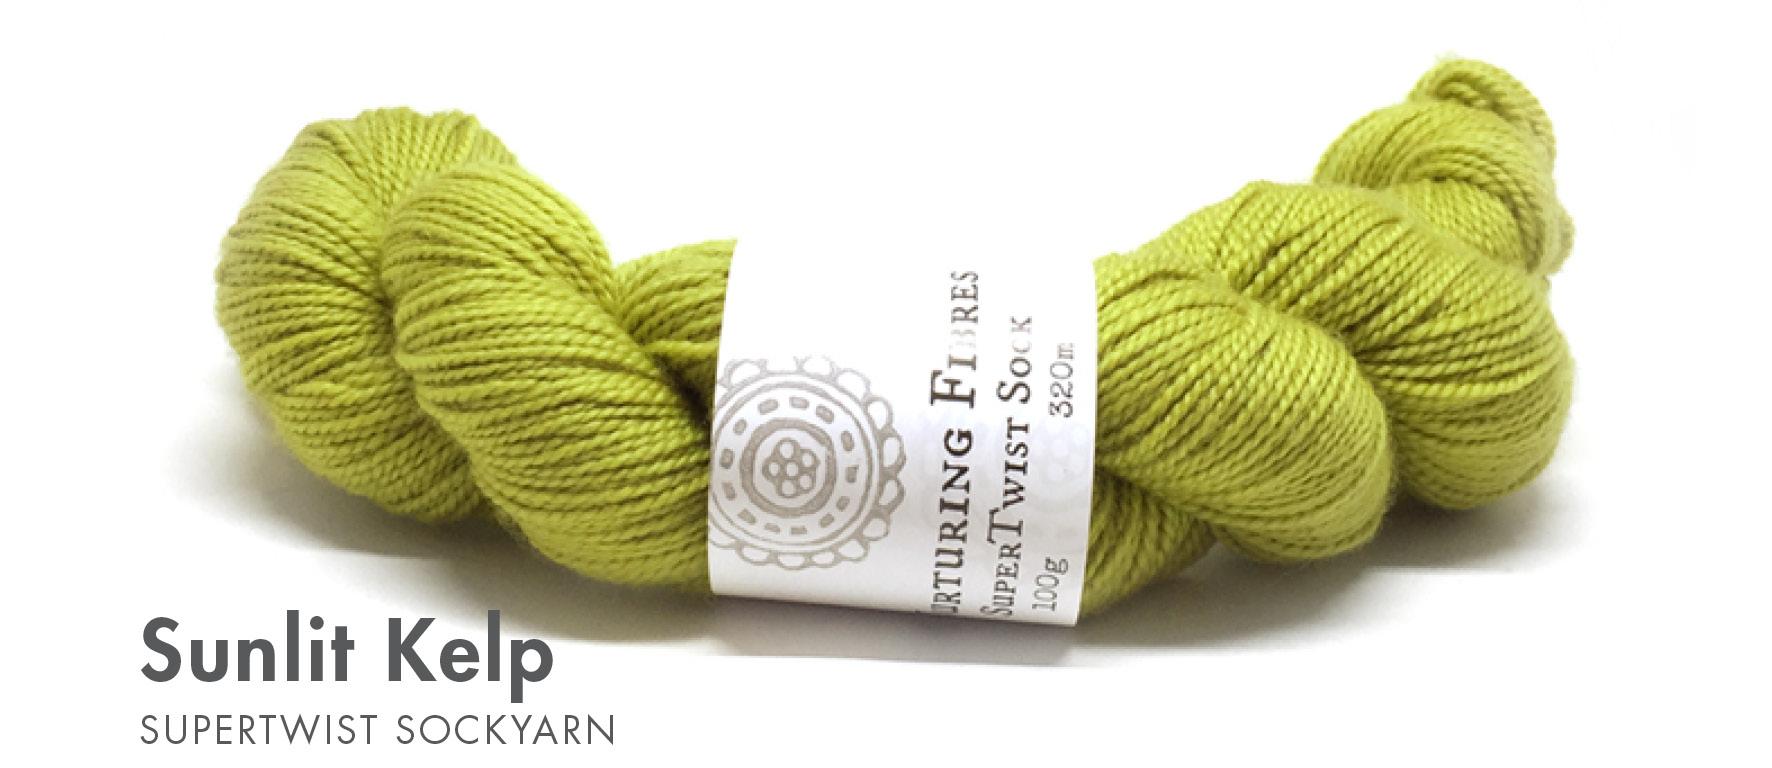 NF Sock Sunlit Kelp.jpg